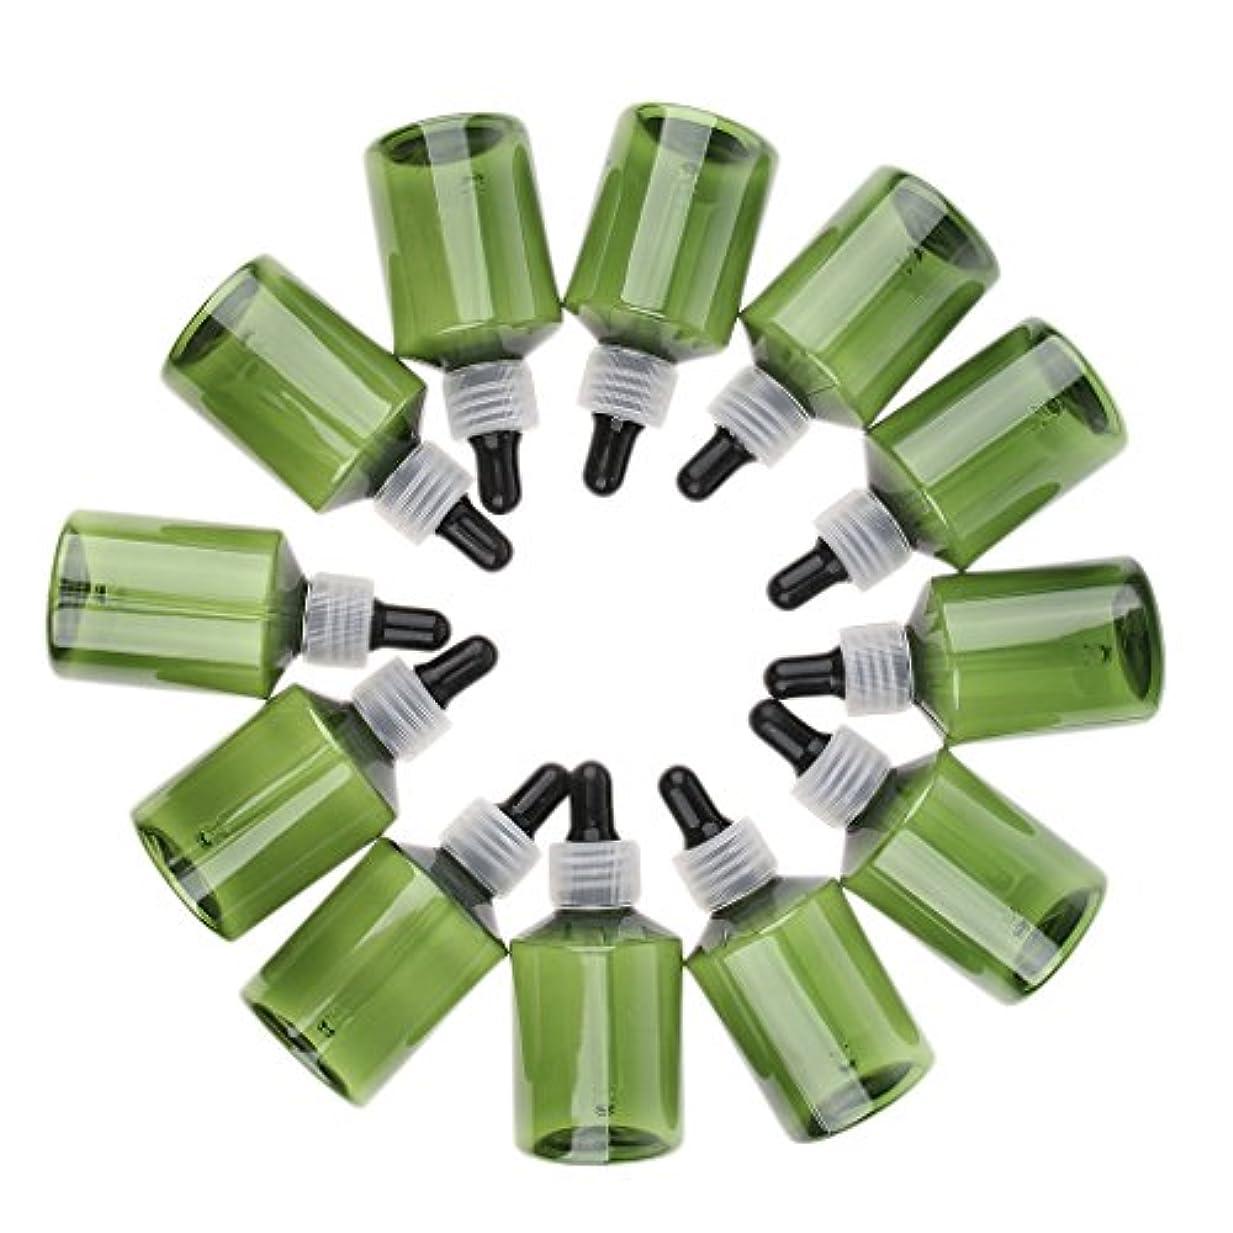 除外する偶然のアーティキュレーションドロッパーボトル エッセンシャルオイル 精油ボトル 小分け容器 詰め替え 50ml 6仕様選べ - クリアキャップブラックドロッパー